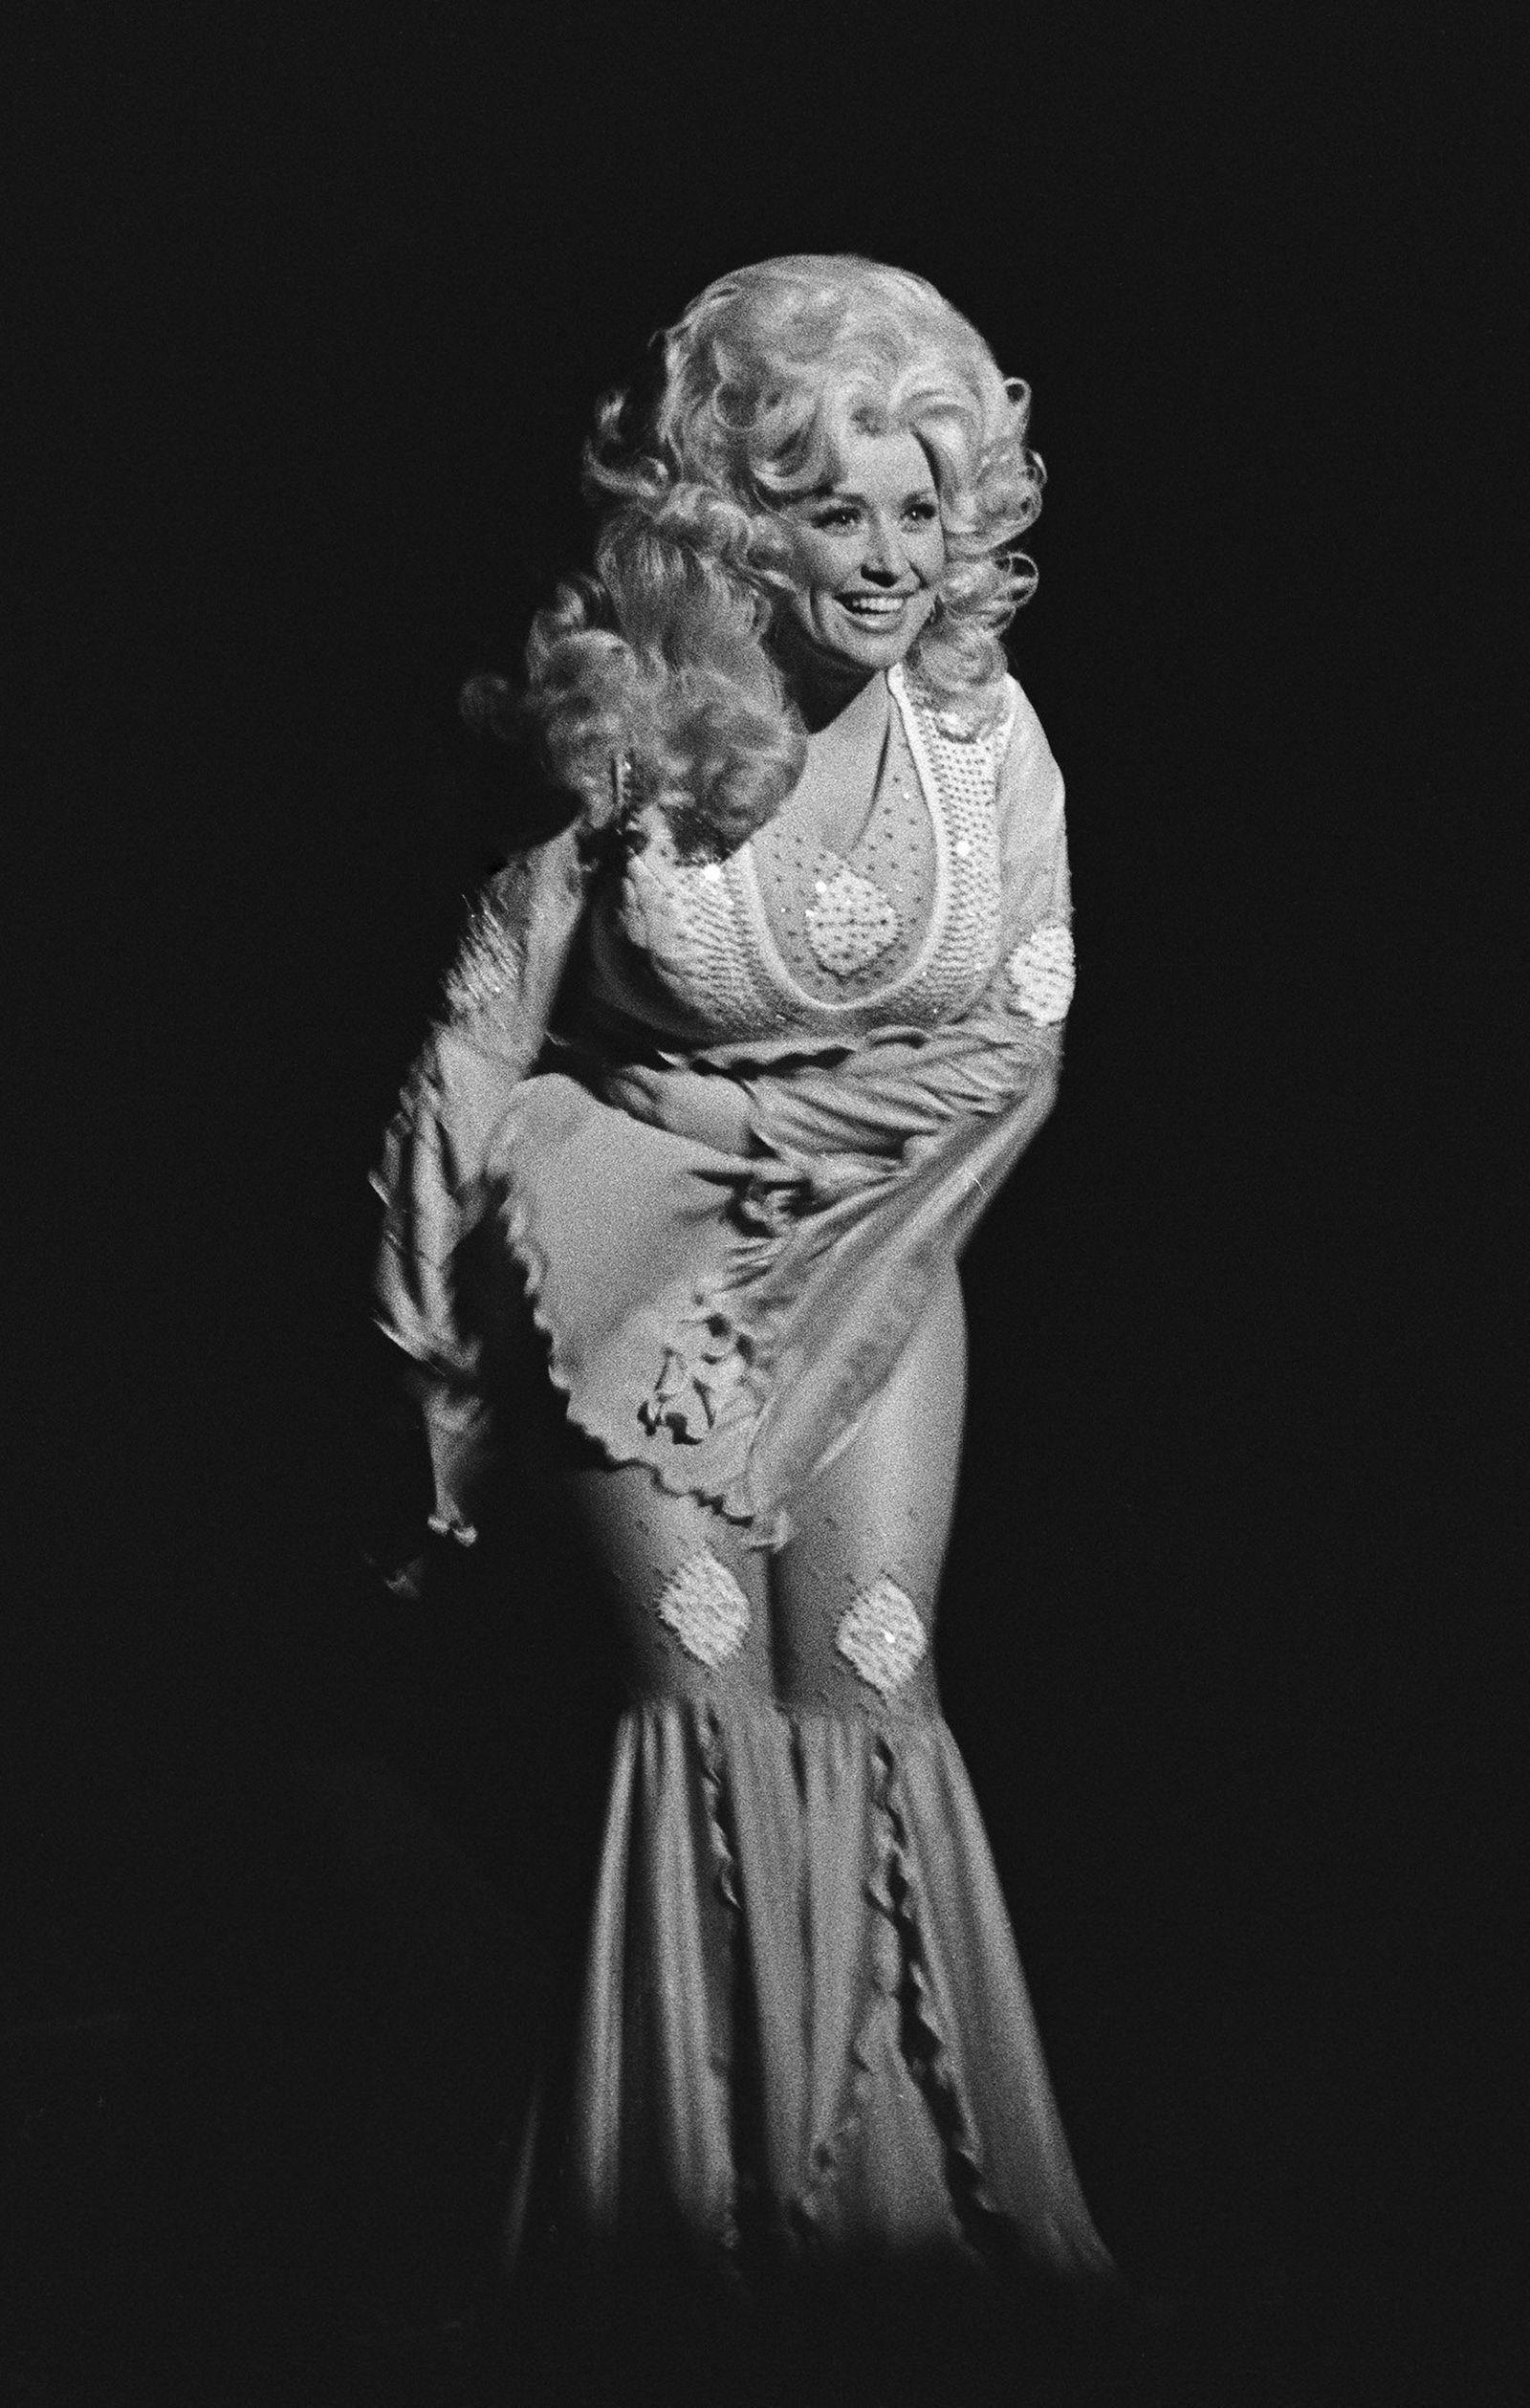 Dolly Parton, 1977- Cosmopolitan.com